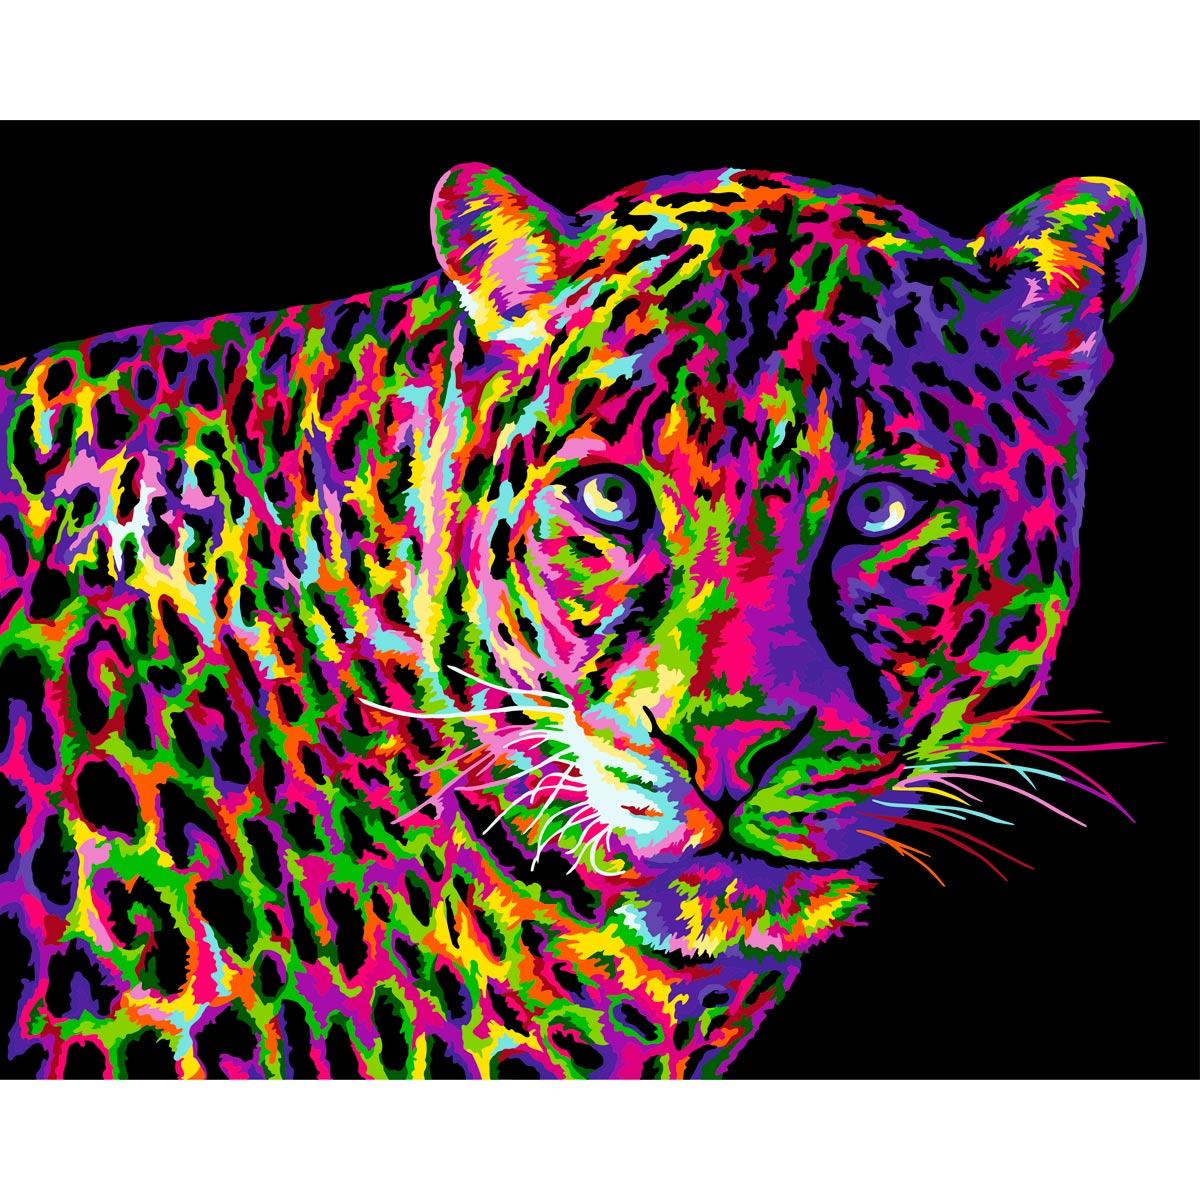 H141 Набор для рисования по номерам 'Цветной леопард' 40*50см